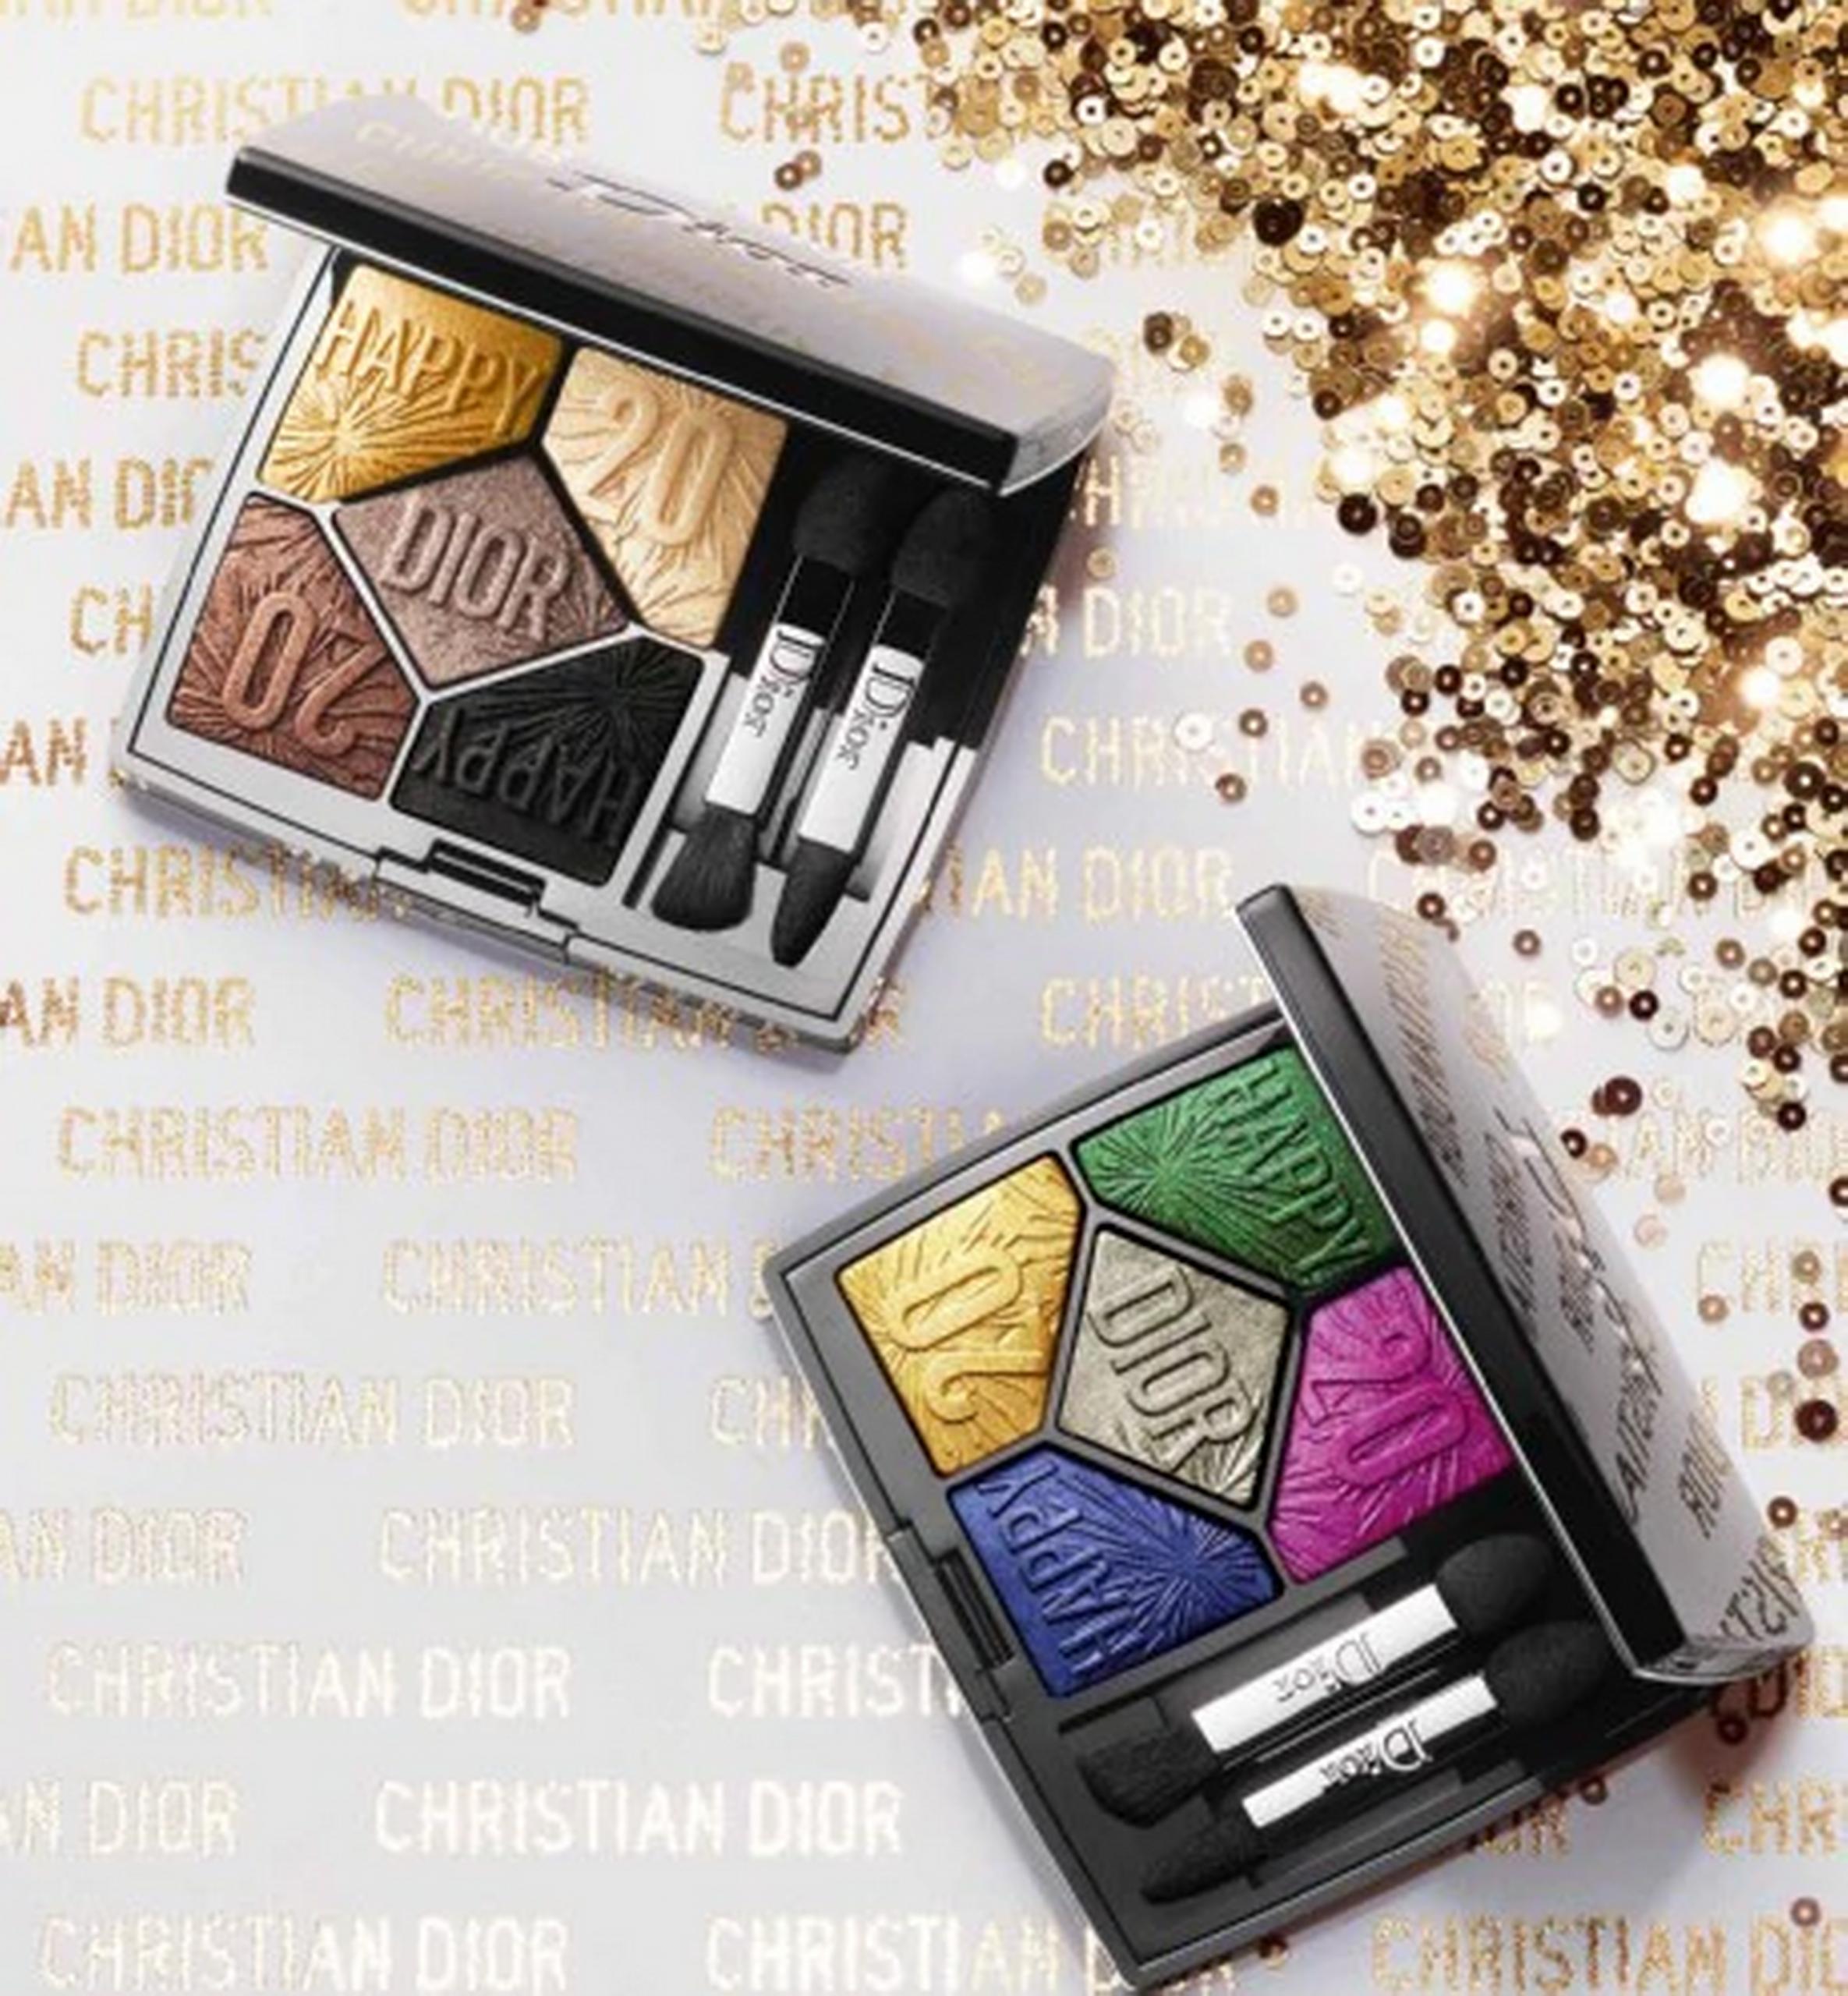 Dior makeup glamour